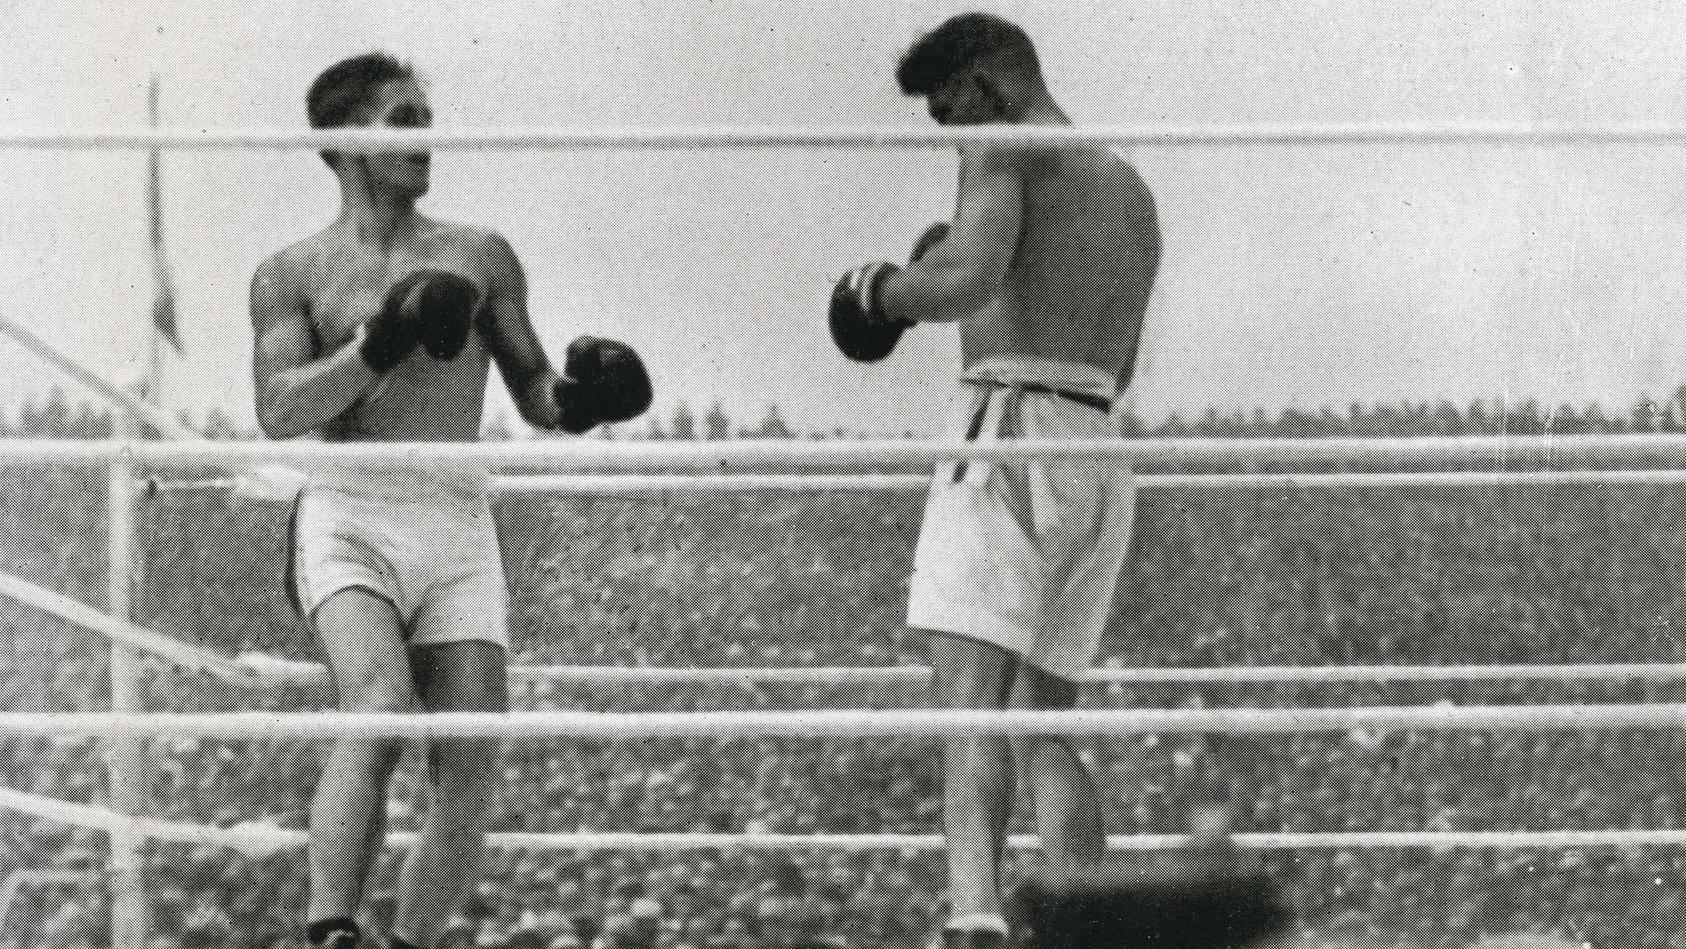 2. Juli 1921: Jack Dempsey (r.) und Georges Carpentier kämpfen vor 80.000 Zuschauern um den Schwergewichts-Titel - der Kampf des Jahrhunderts spült mehr als eine Million Dollar in die Kasse.